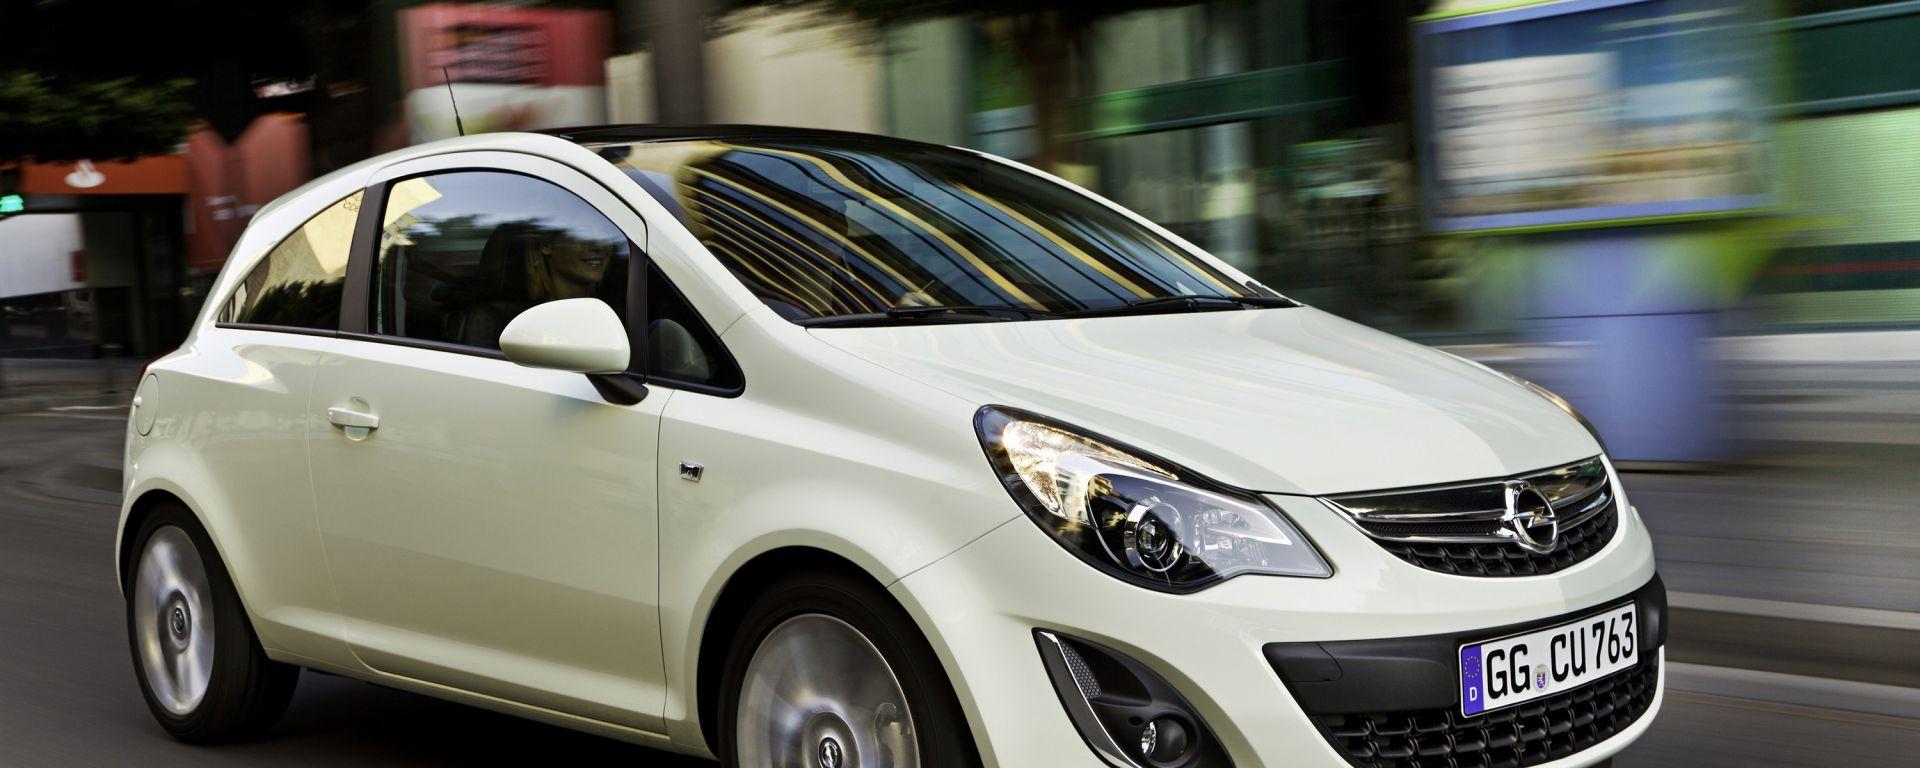 Opel Corsa Ecoflex 2011